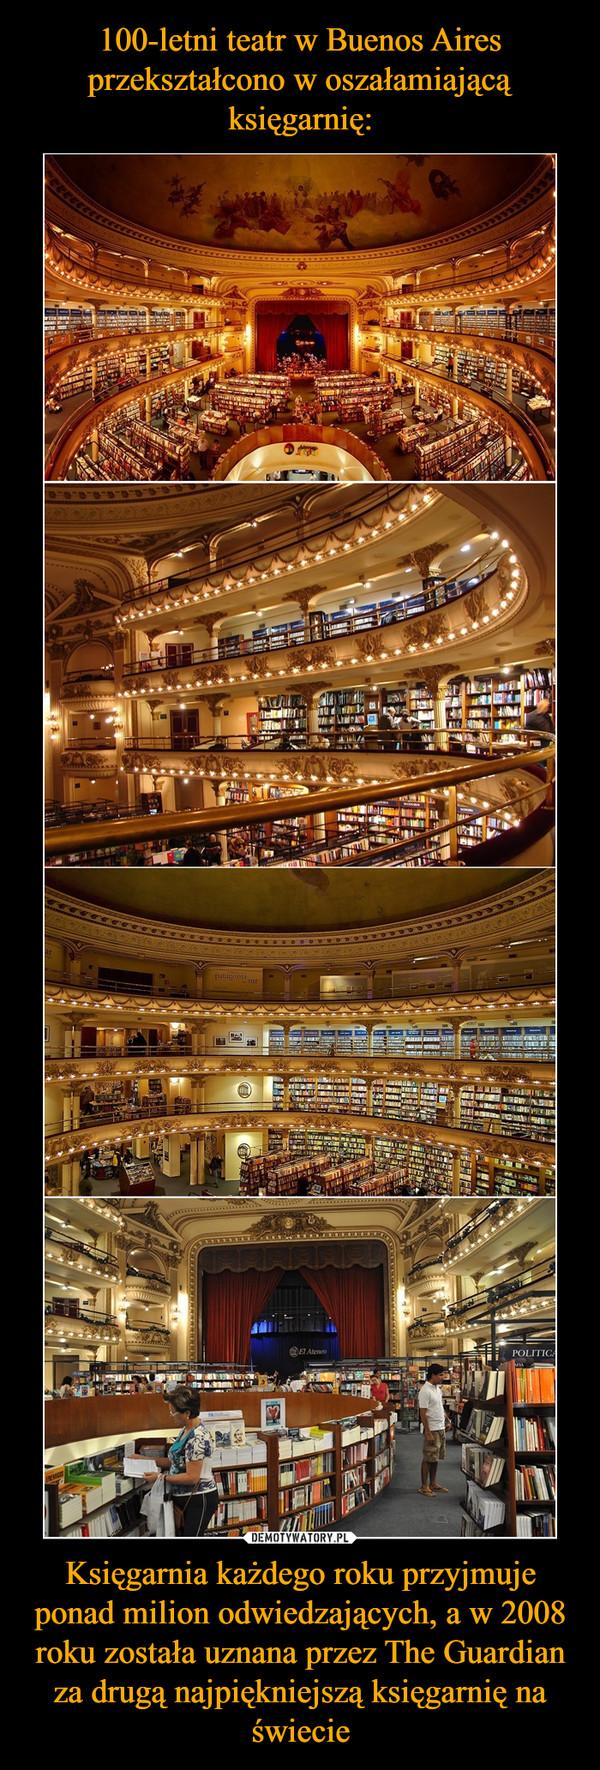 Księgarnia każdego roku przyjmuje ponad milion odwiedzających, a w 2008 roku została uznana przez The Guardian za drugą najpiękniejszą księgarnię na świecie –